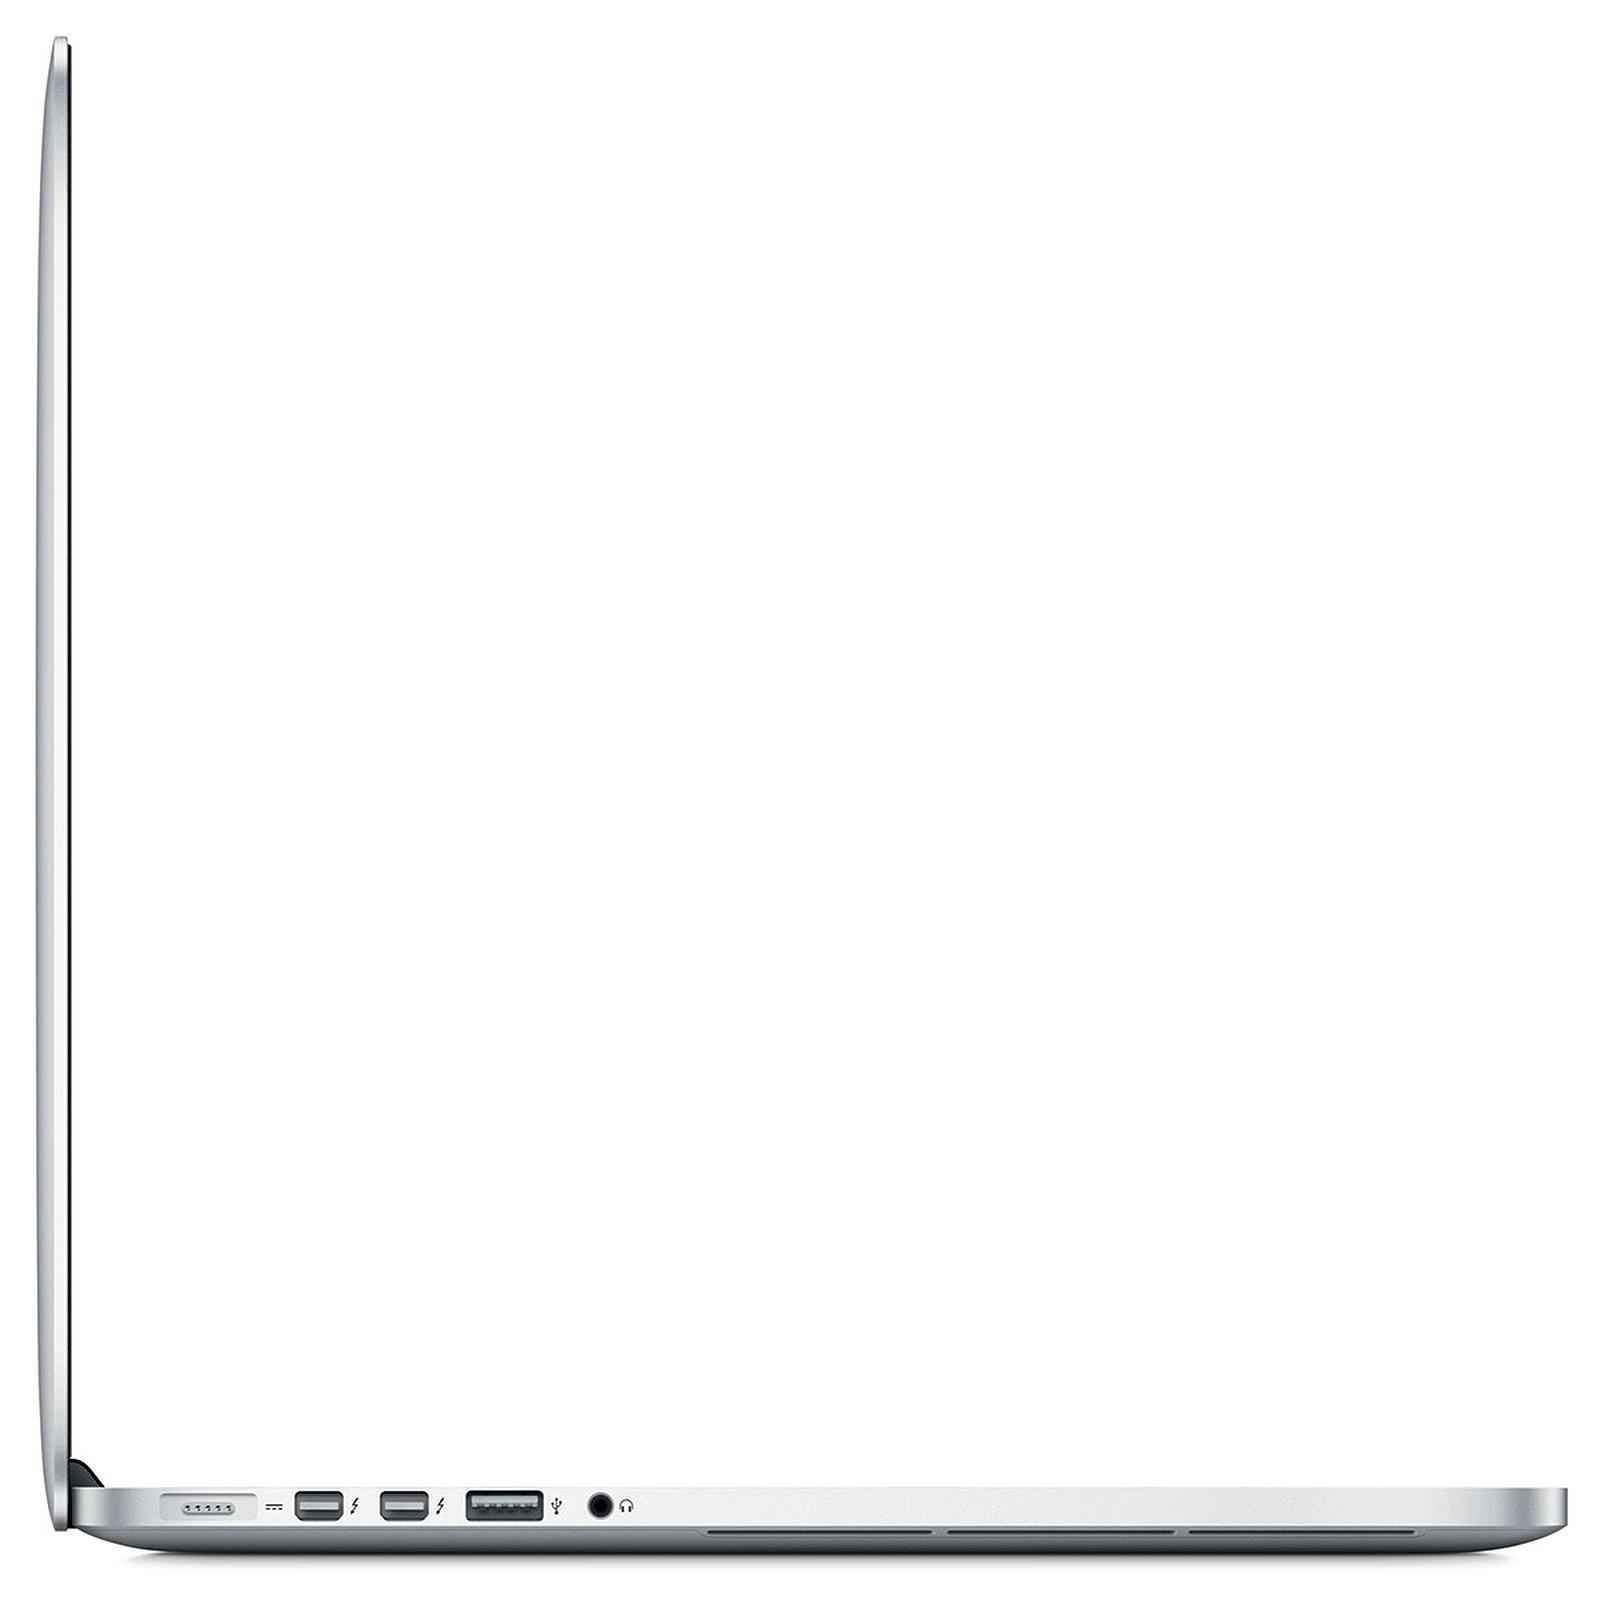 MacBook Pro Retina 15,4-tum (2014) - Core i7 - 16GB - SSD 512 GB QWERTZ - Tyska